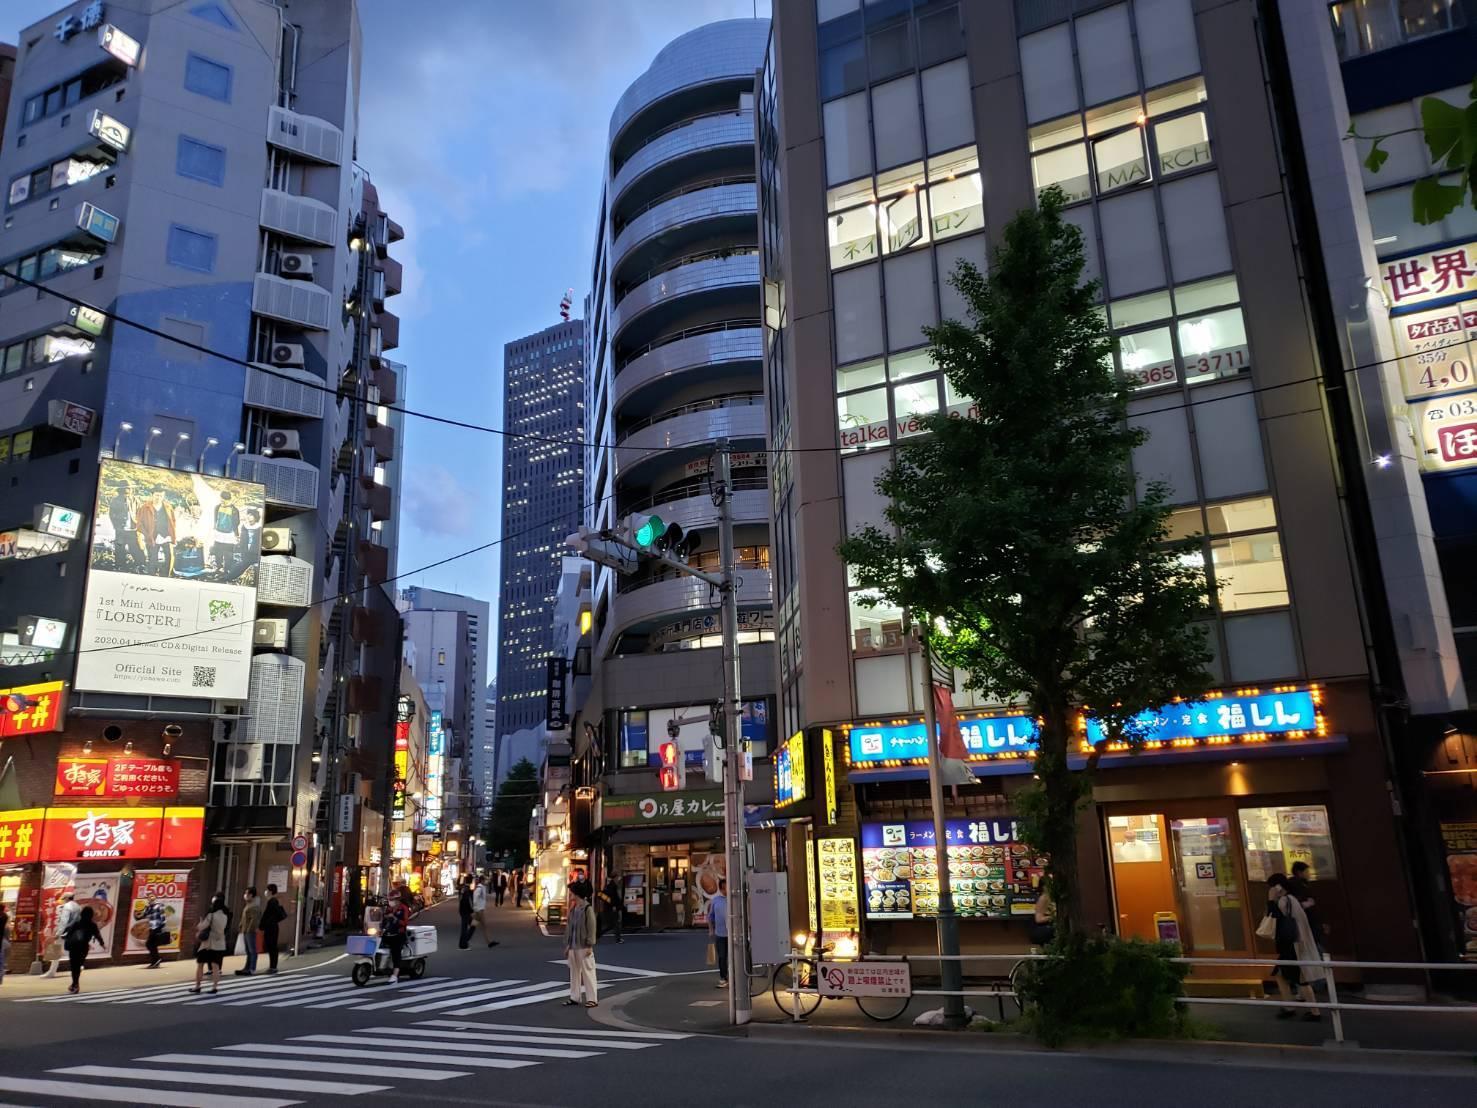 画像提供 信号を渡った本屋さん跡地から見た風景@西新宿_b0042308_02475169.jpg